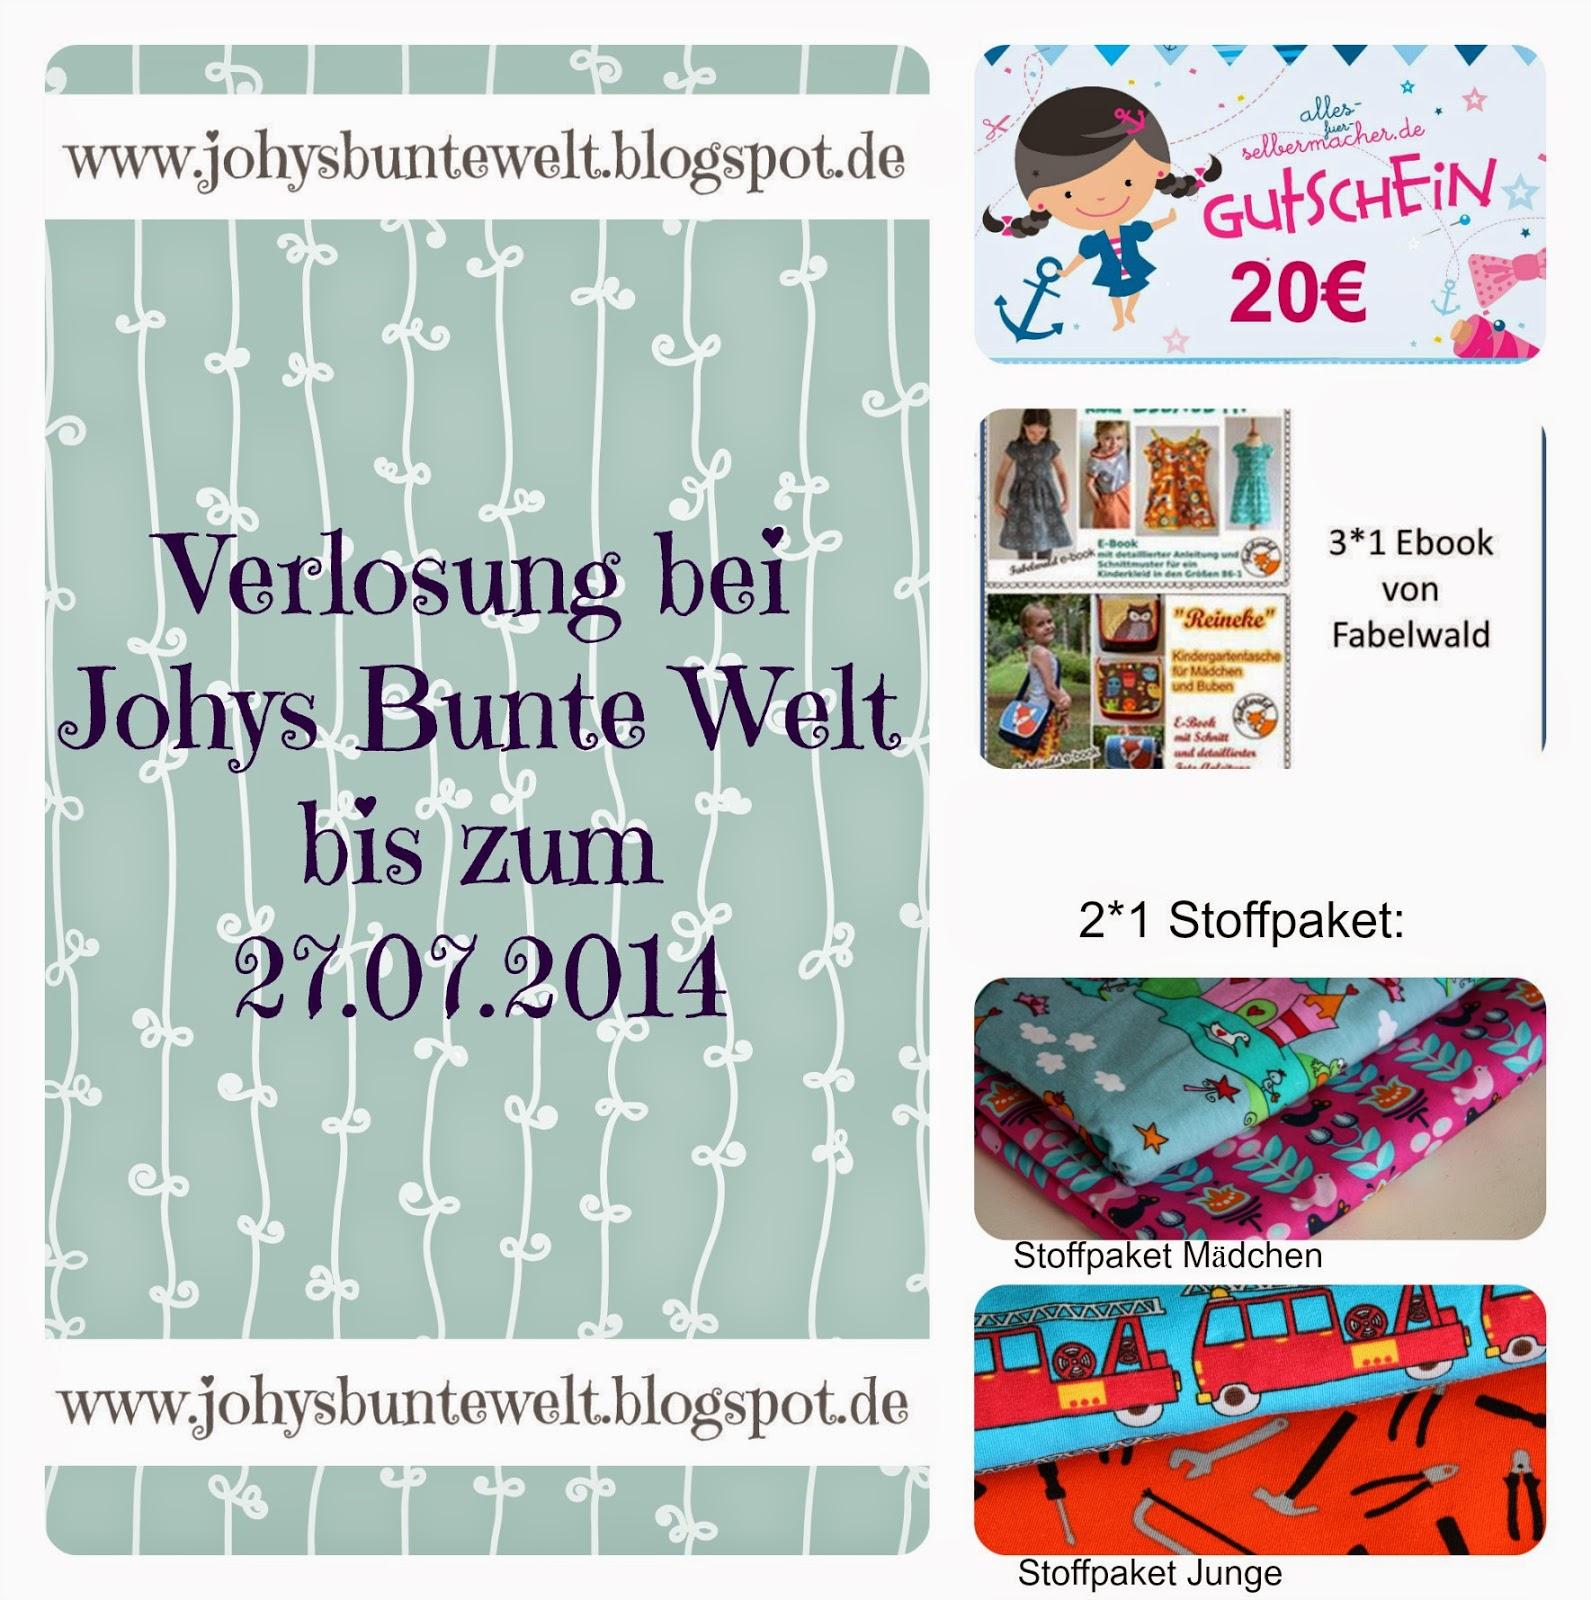 http://johysbuntewelt.blogspot.de/2014/07/eine-verlosung-und-ein-wikinger-zum.html